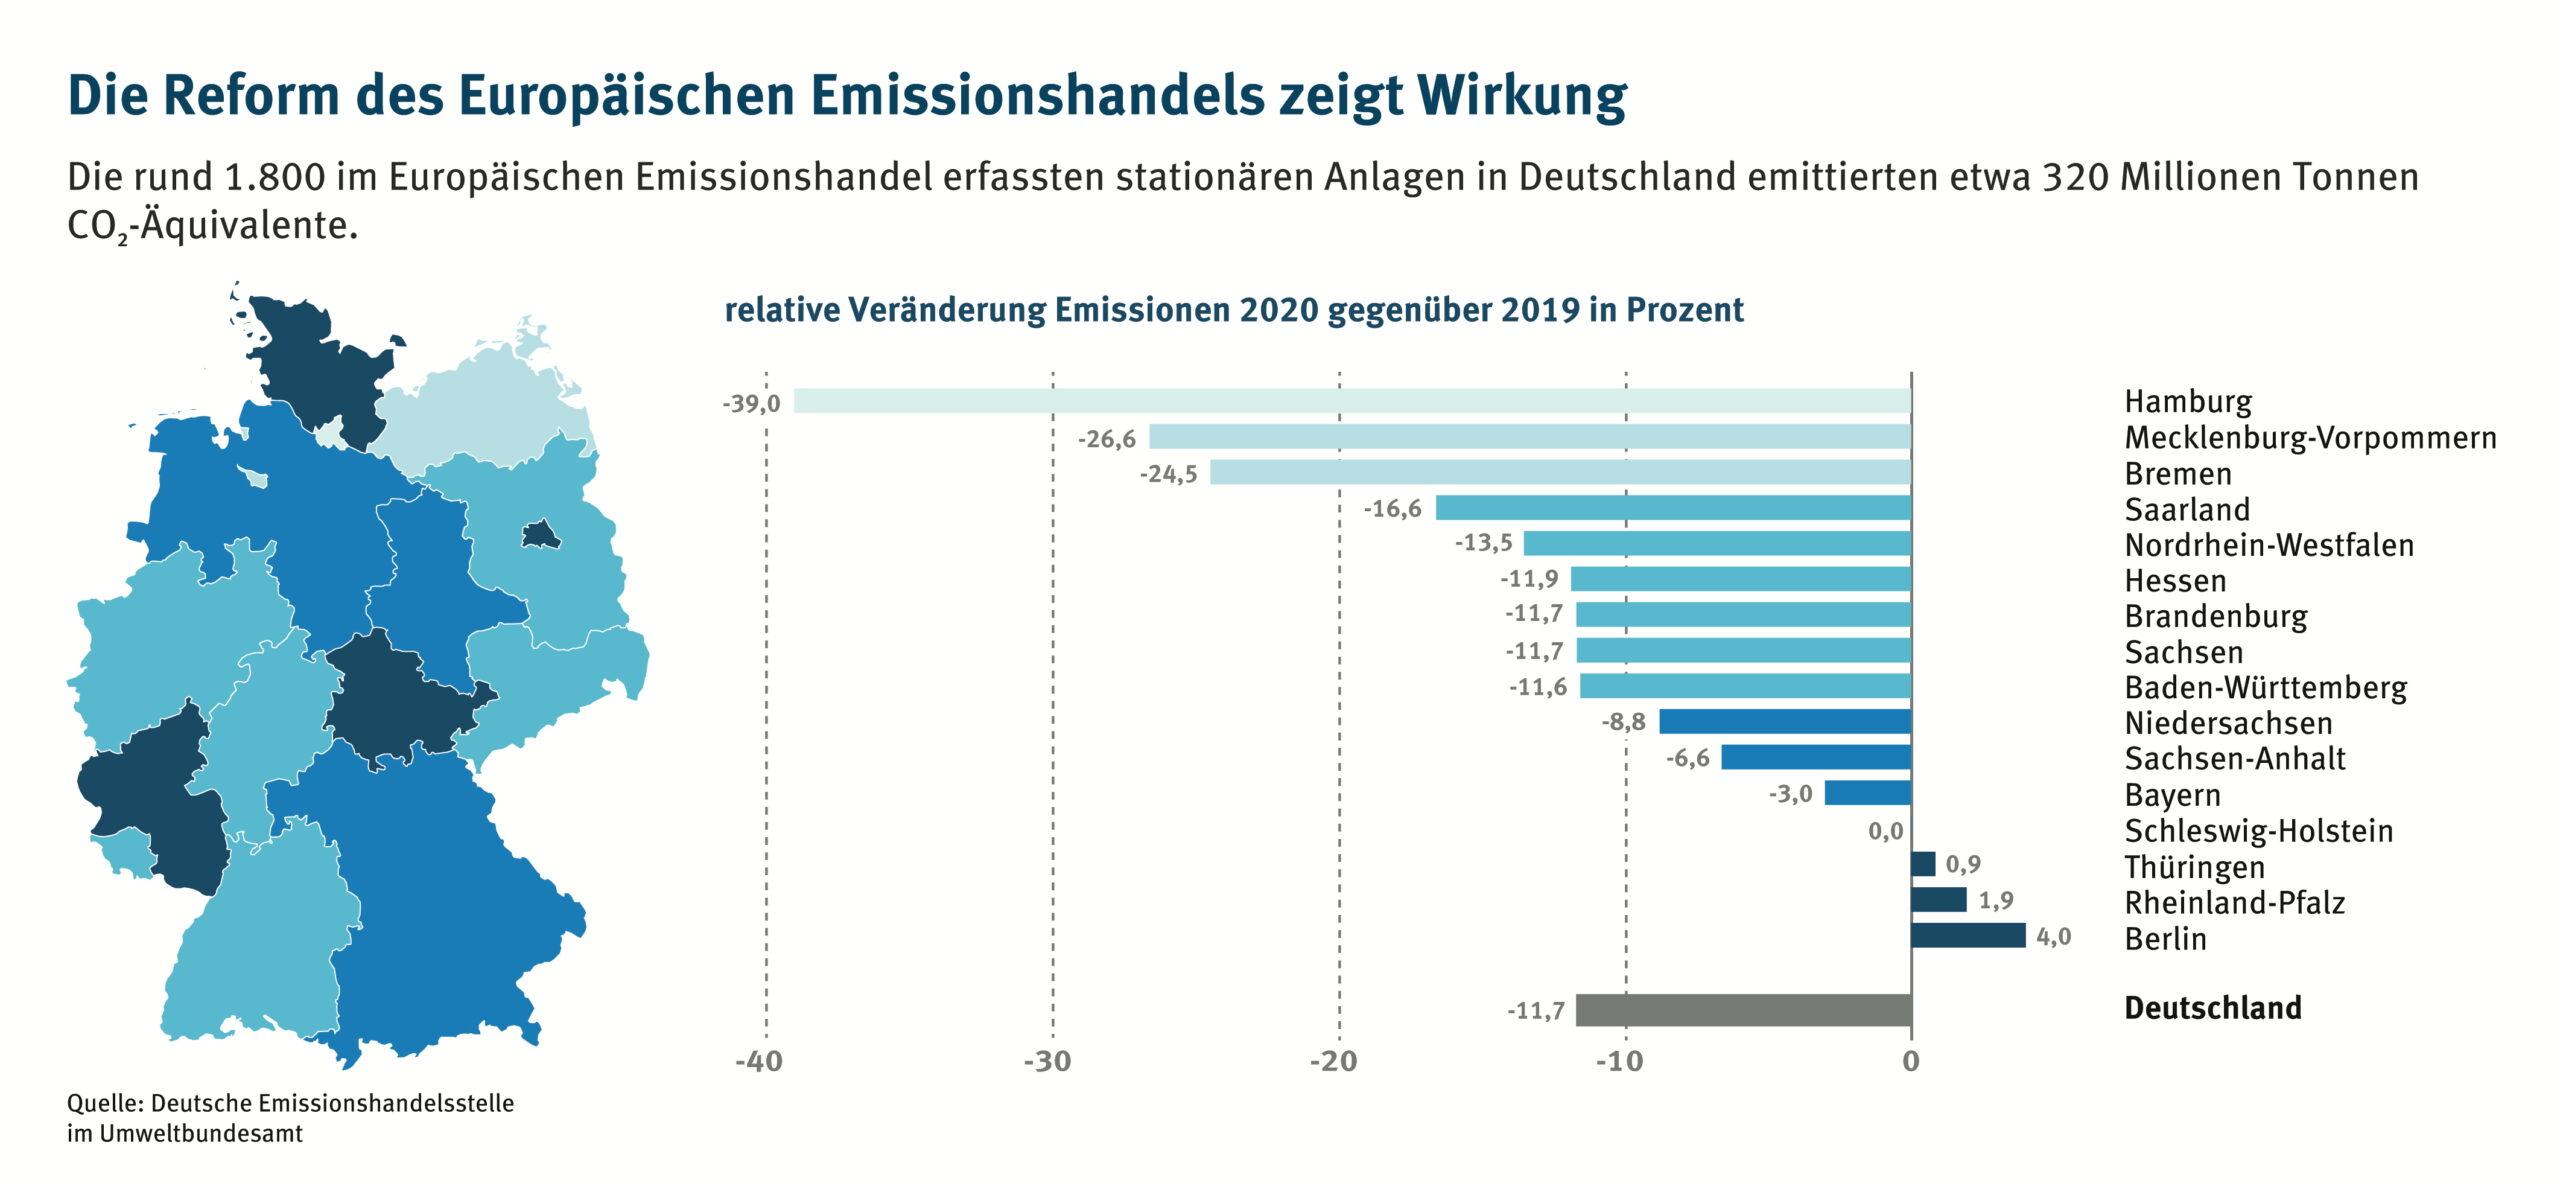 Reform des Europäischen Emissionshandels zeigt Wirkung